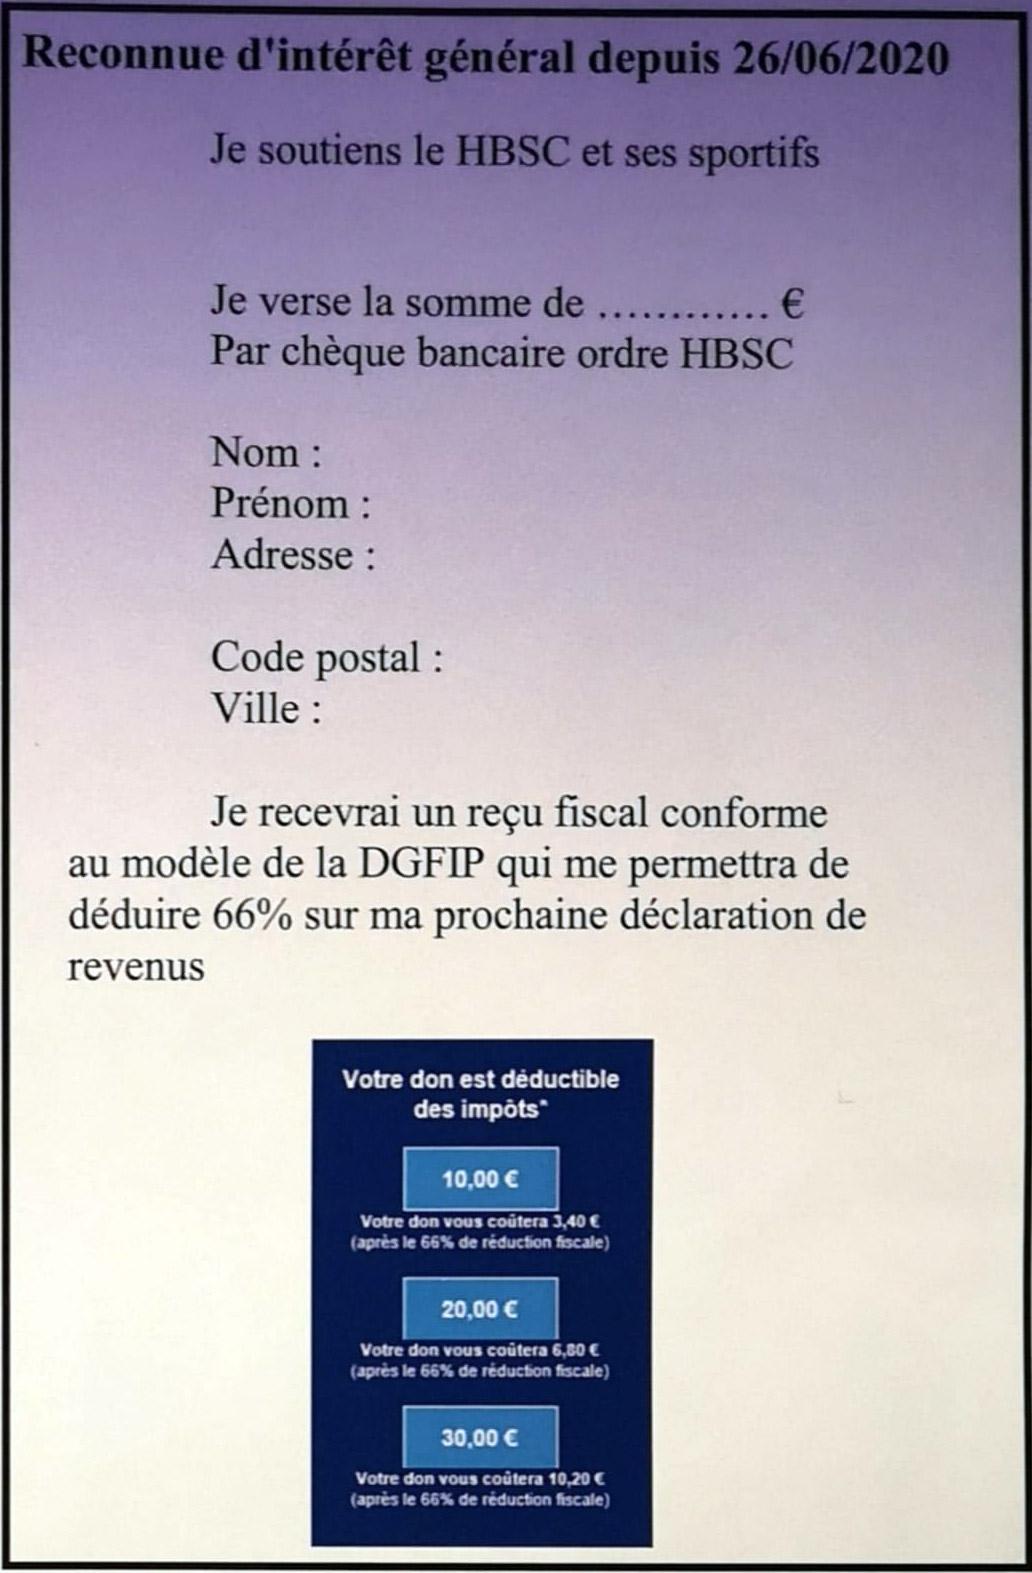 HBSC - reçu fiscal